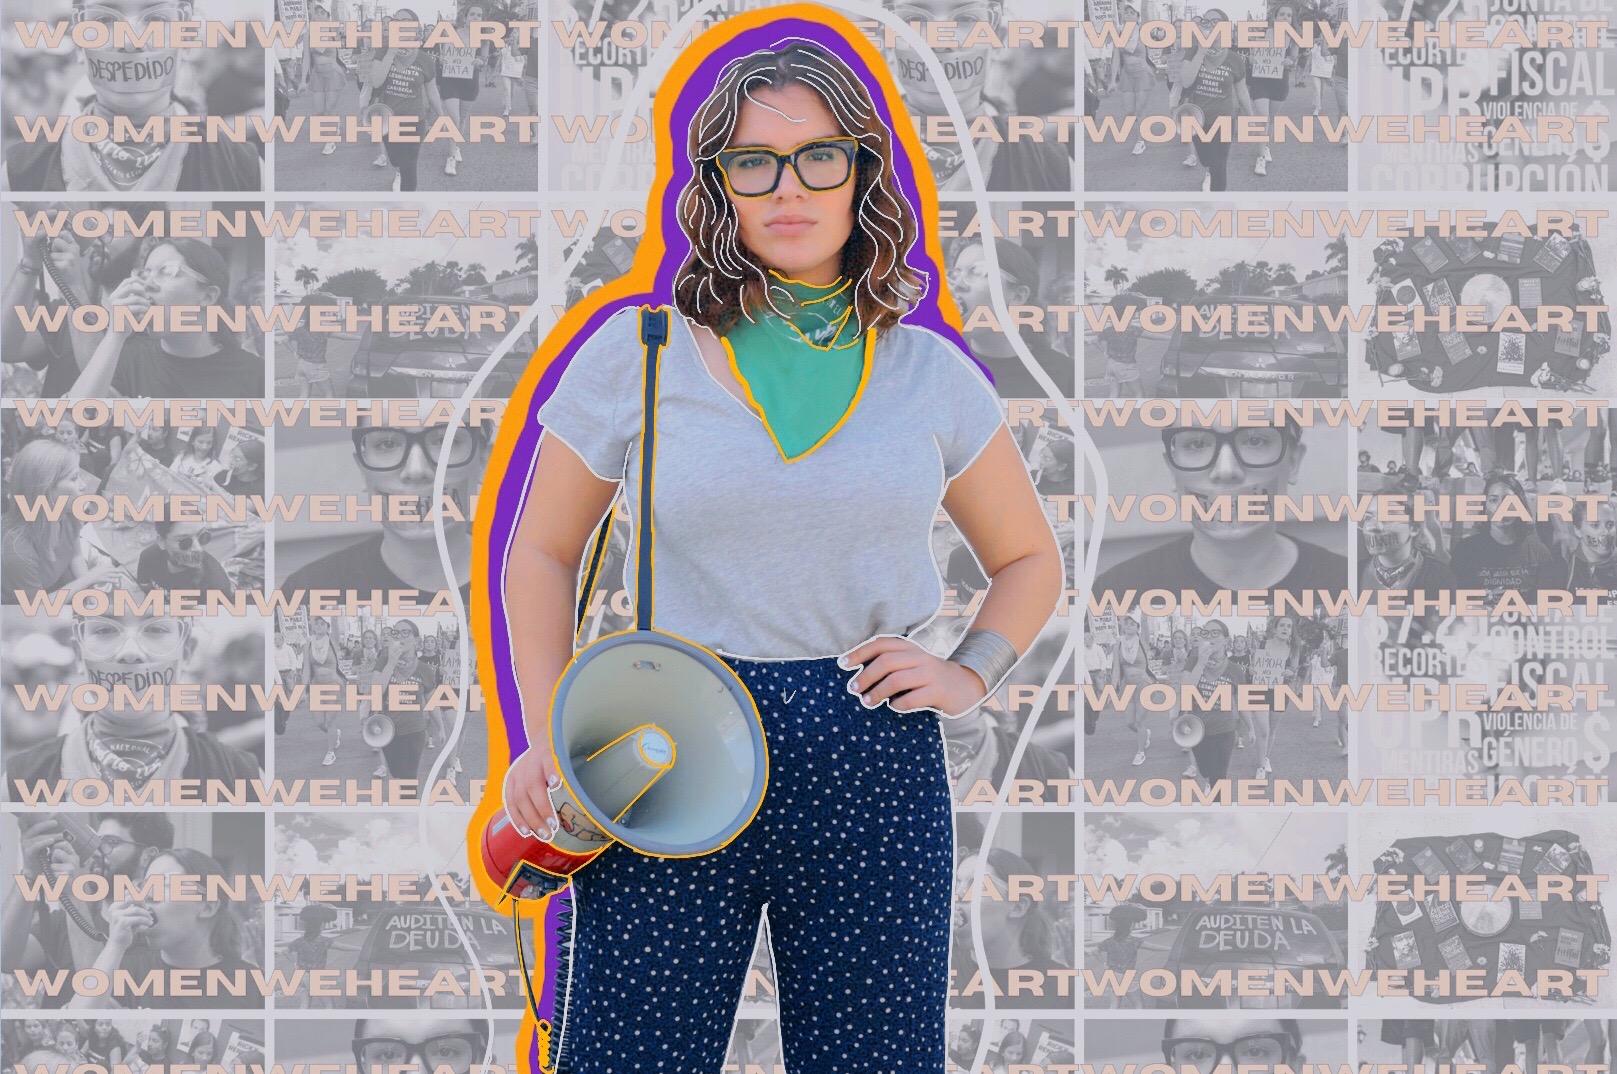 Feminismo y activismo (con)sentimiento: Aliana Bigio